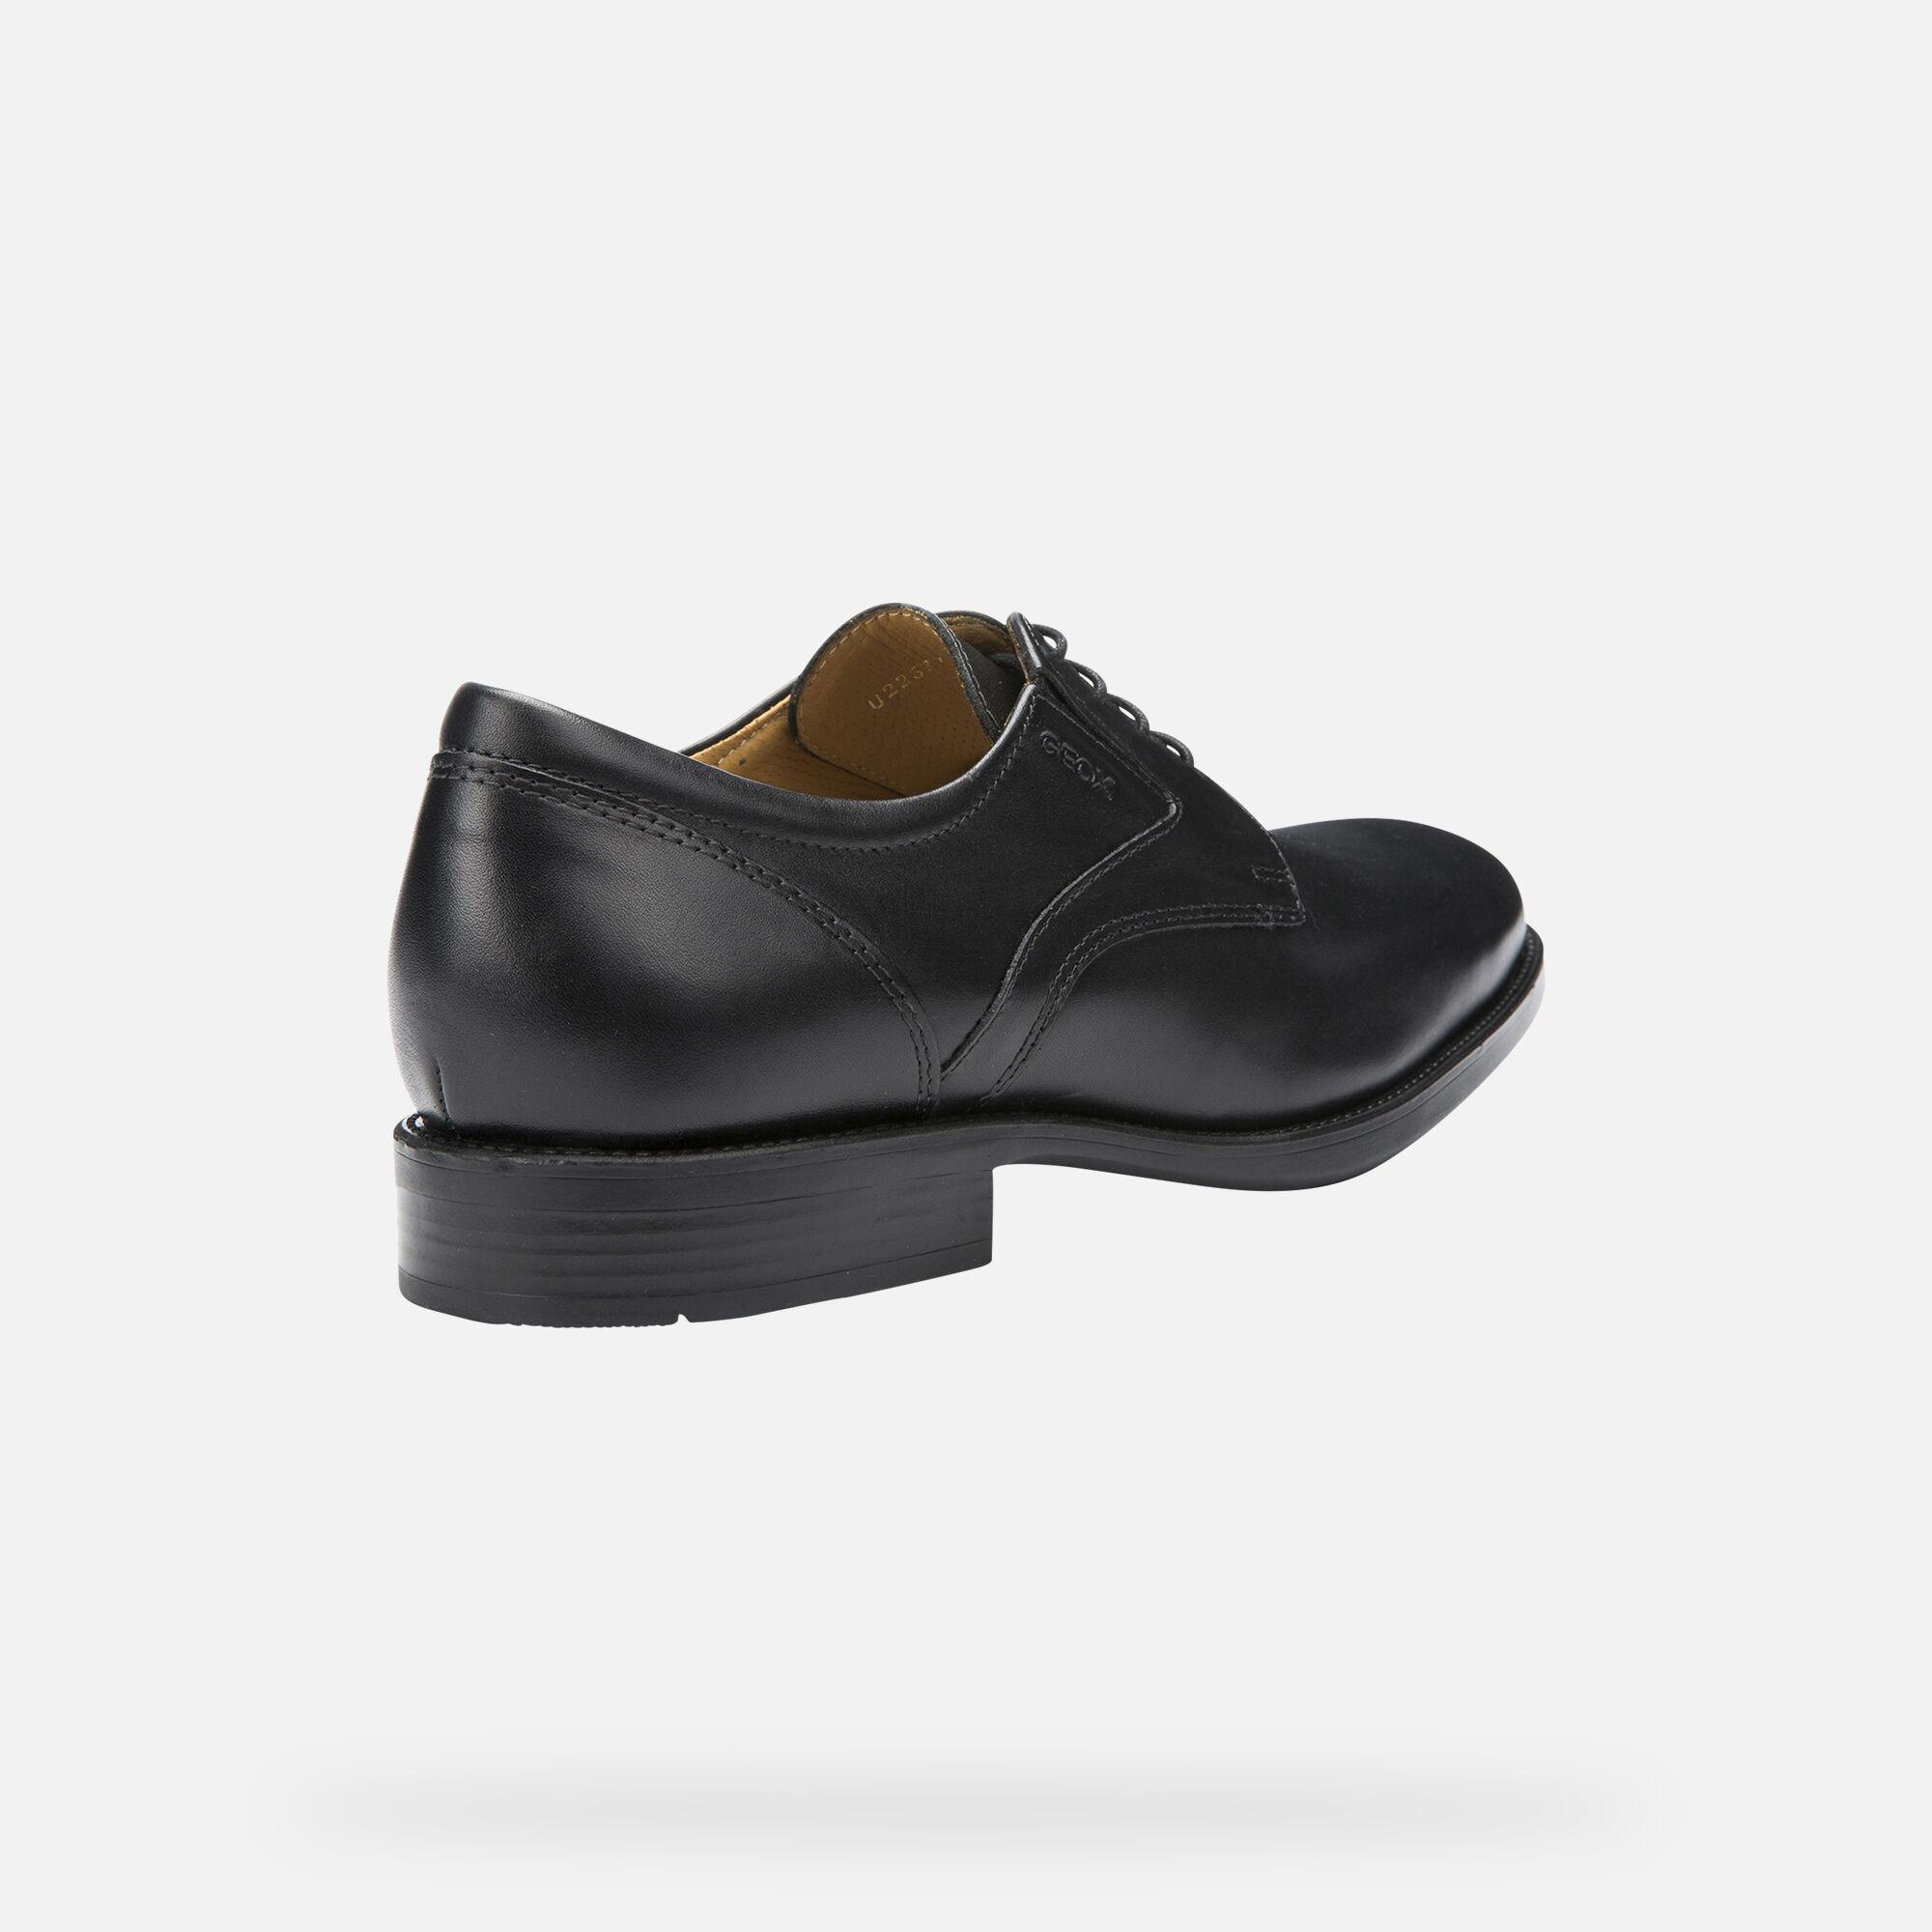 geox scarpe classiche uomo